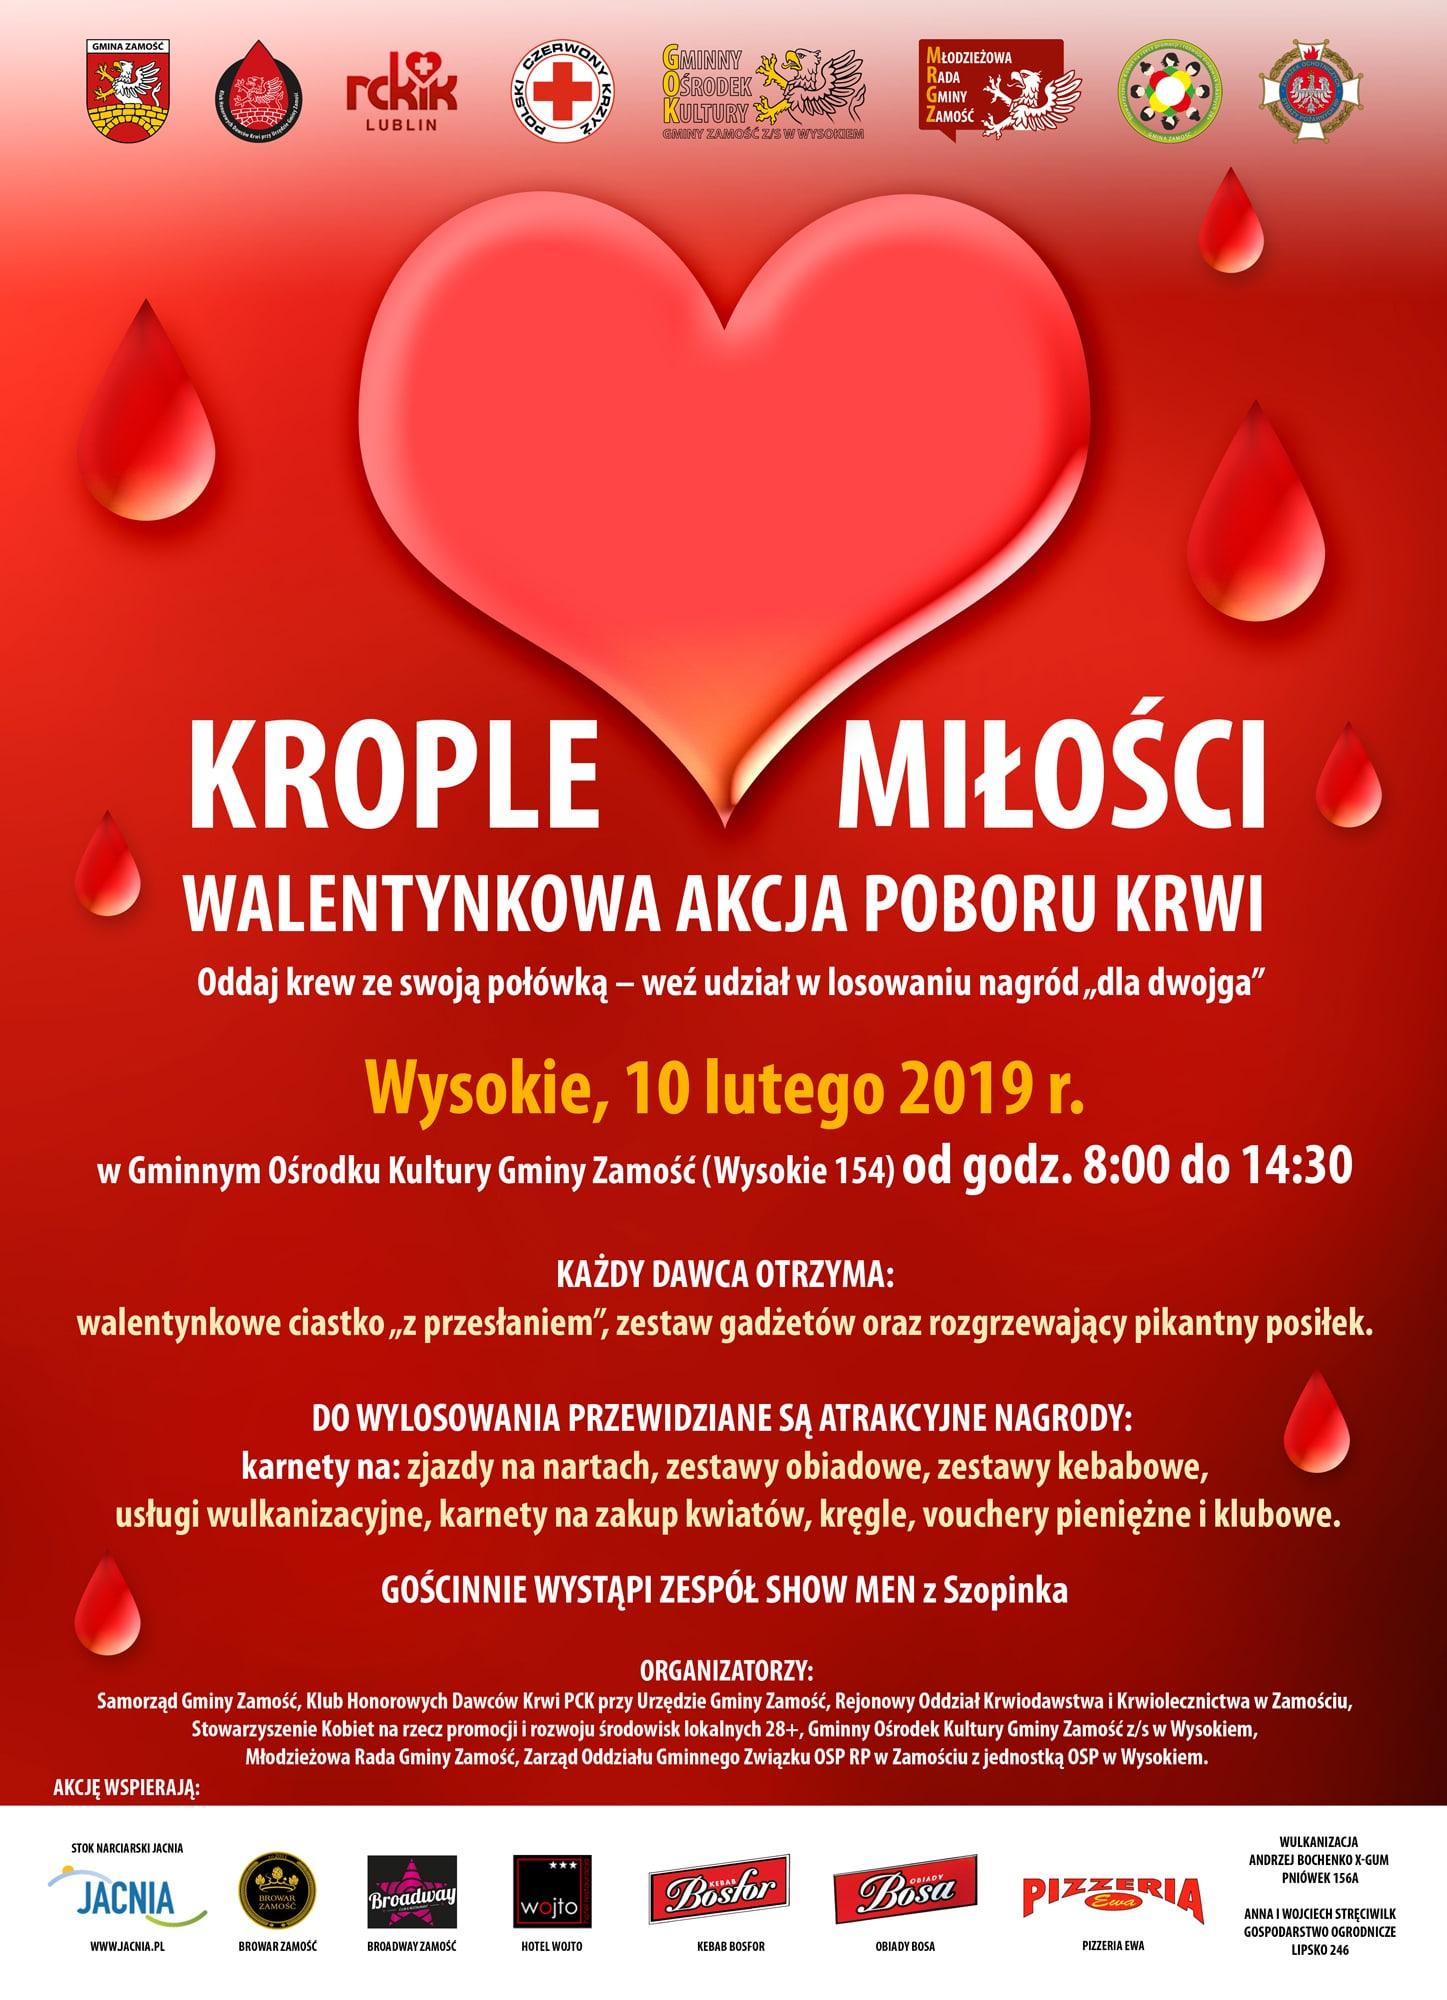 kople milosci Krople Miłości – Walentynkowa akcja poboru krwi